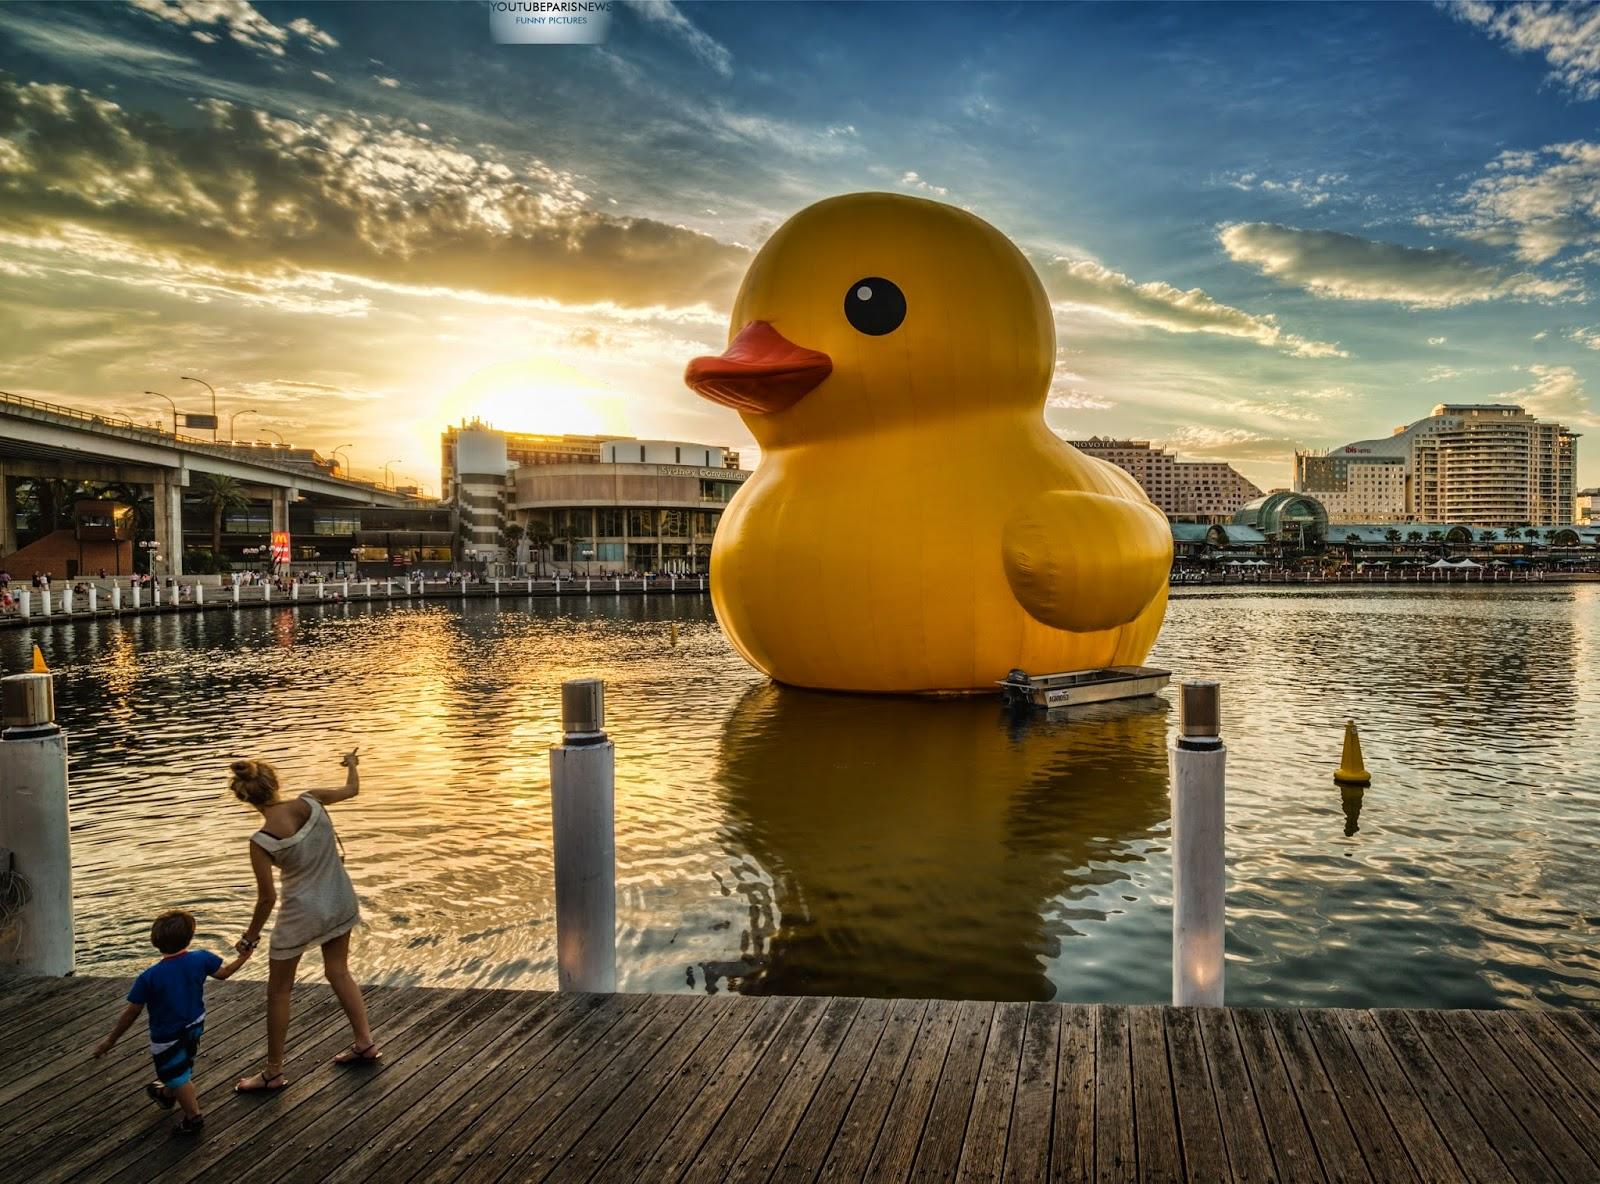 the-giant-rubber-ducky-Australia.jpg